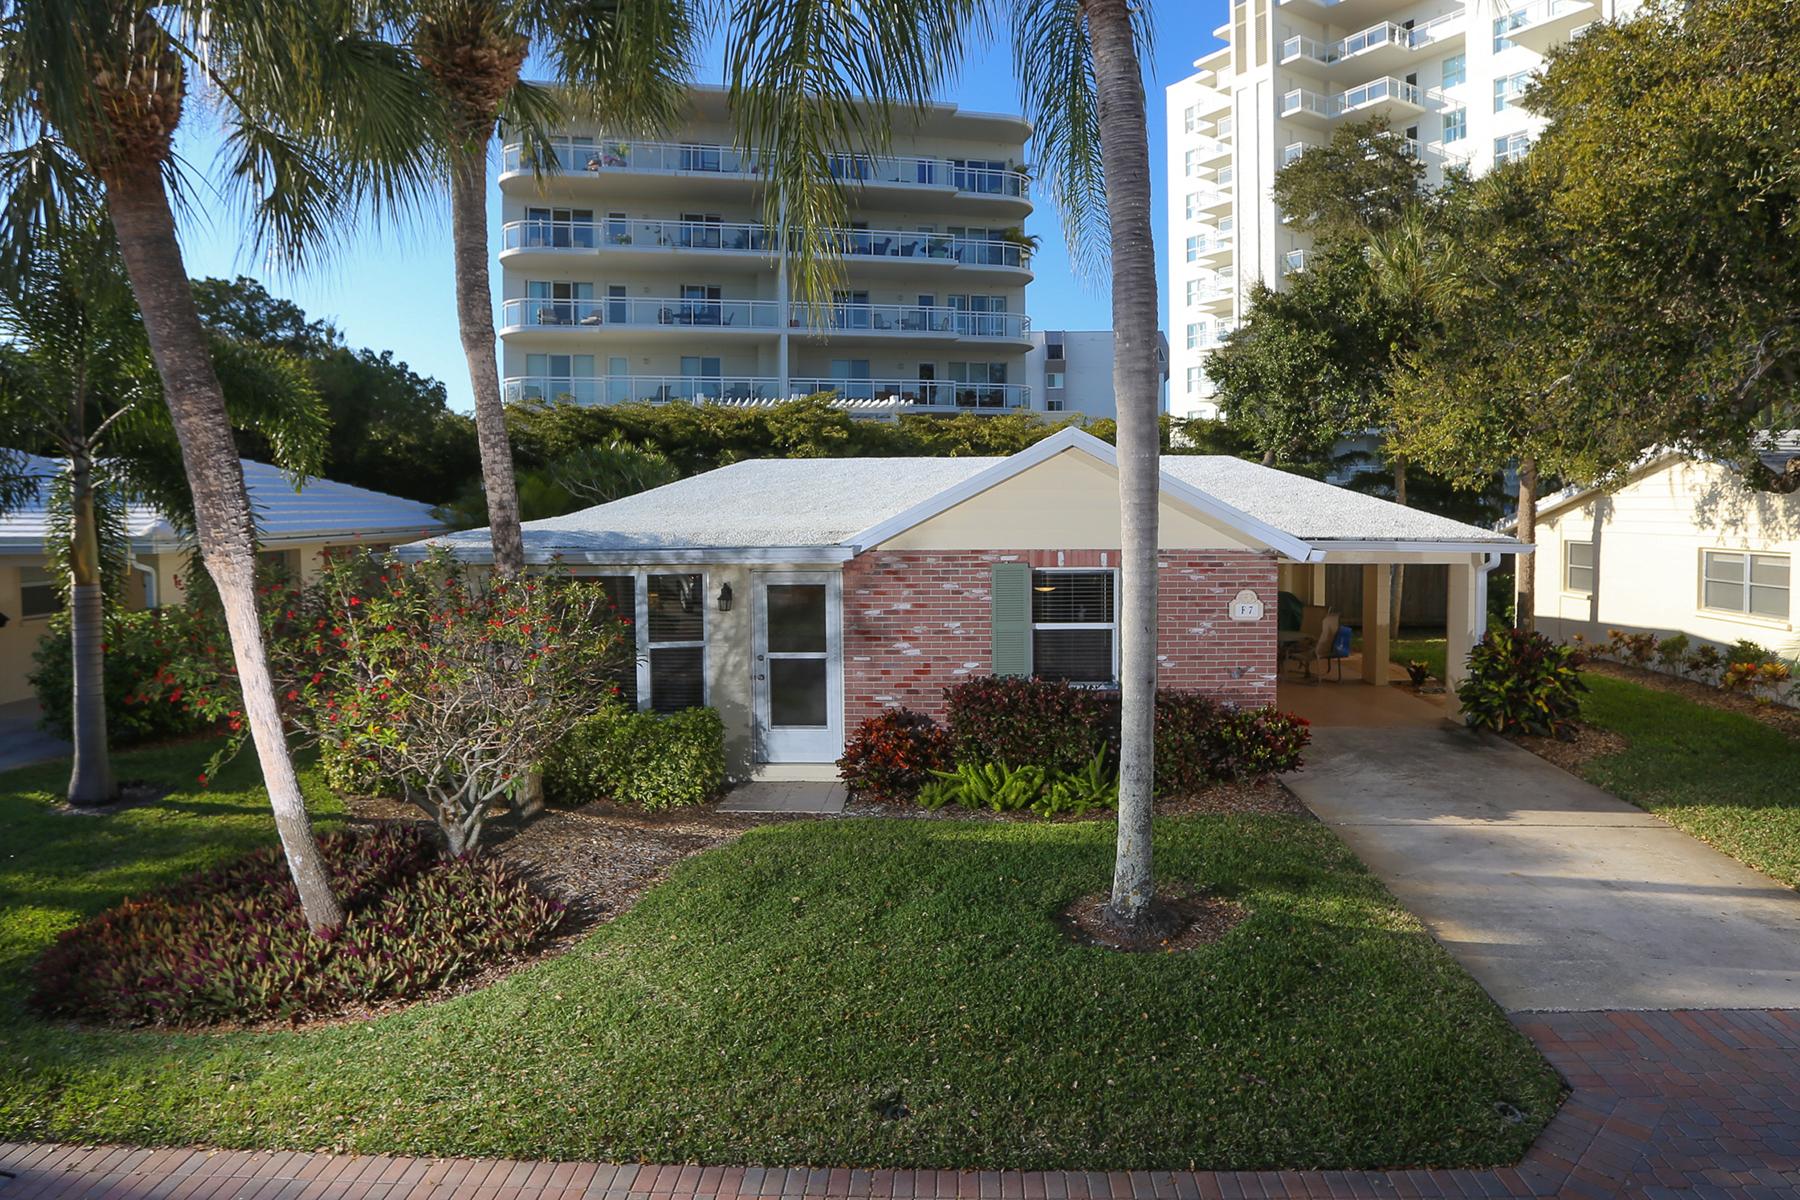 타운하우스 용 매매 에 SIESTA KEY 6145 Midnight Pass Rd F7 Sarasota, 플로리다 34242 미국